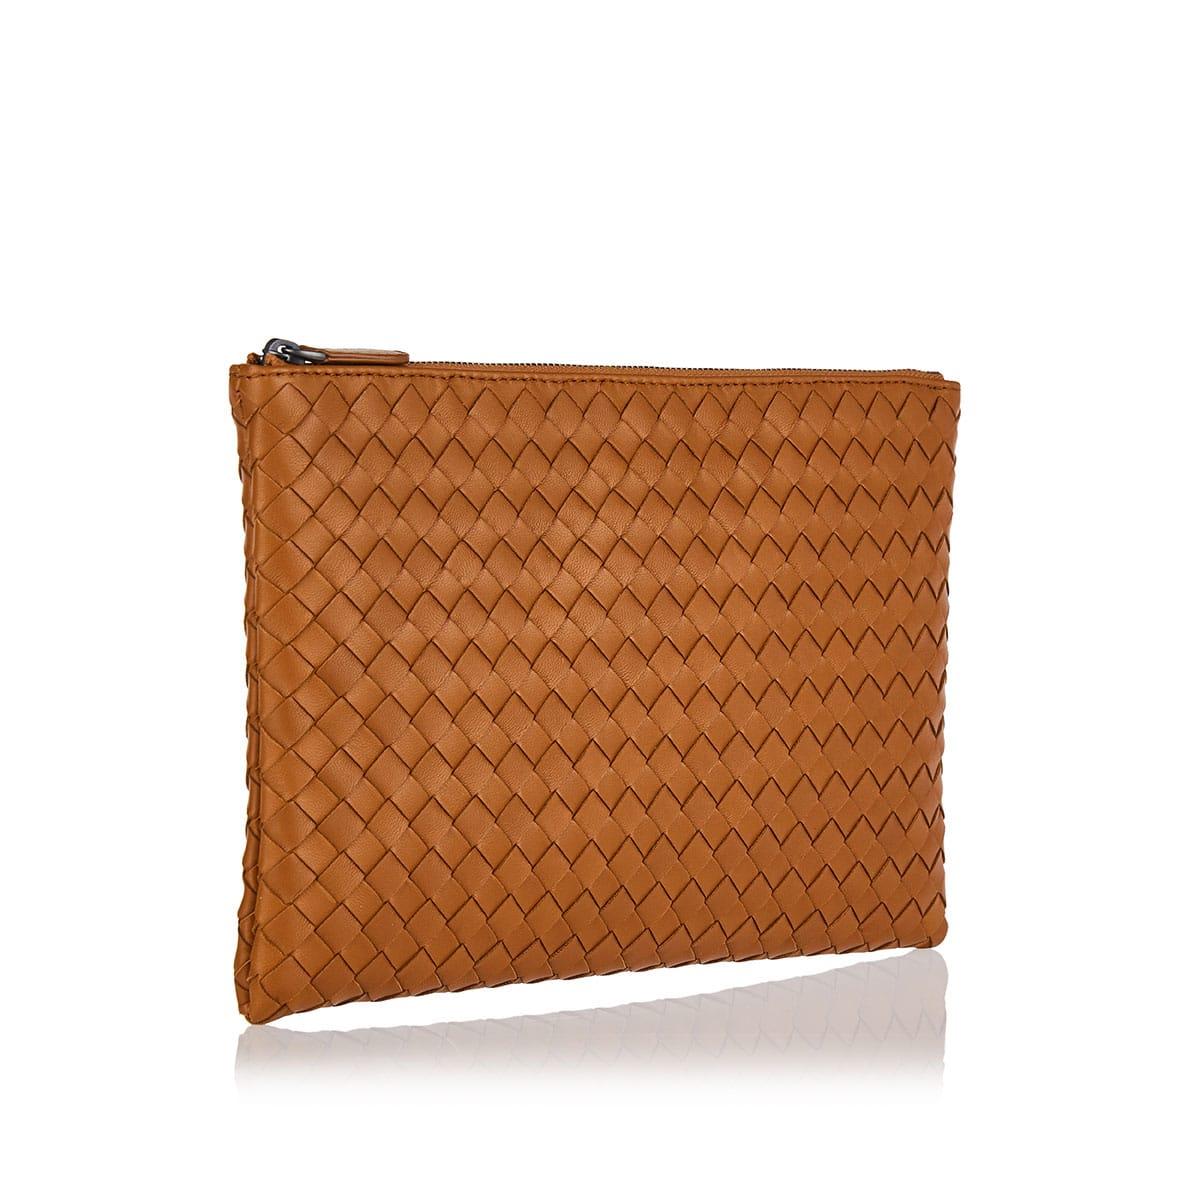 IntrecciatoBiletto small pouch